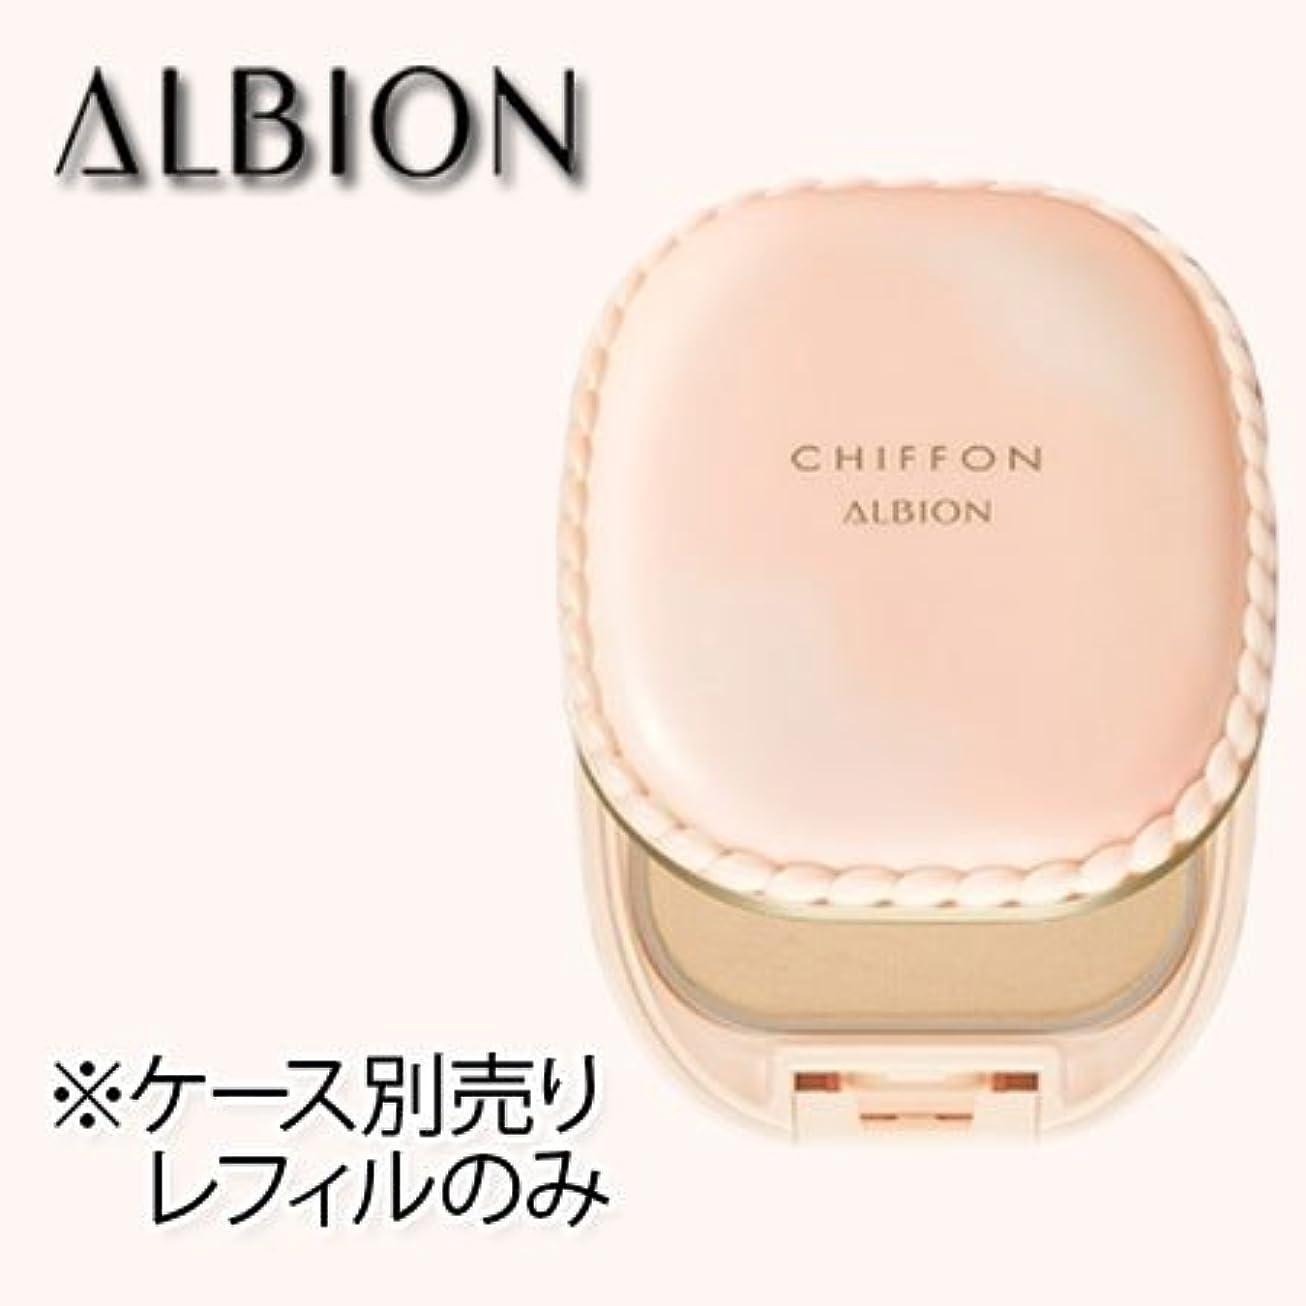 欠席人間集団的アルビオン スウィート モイスチュア シフォン (レフィル) 10g 6色 SPF22 PA++-ALBION- 030